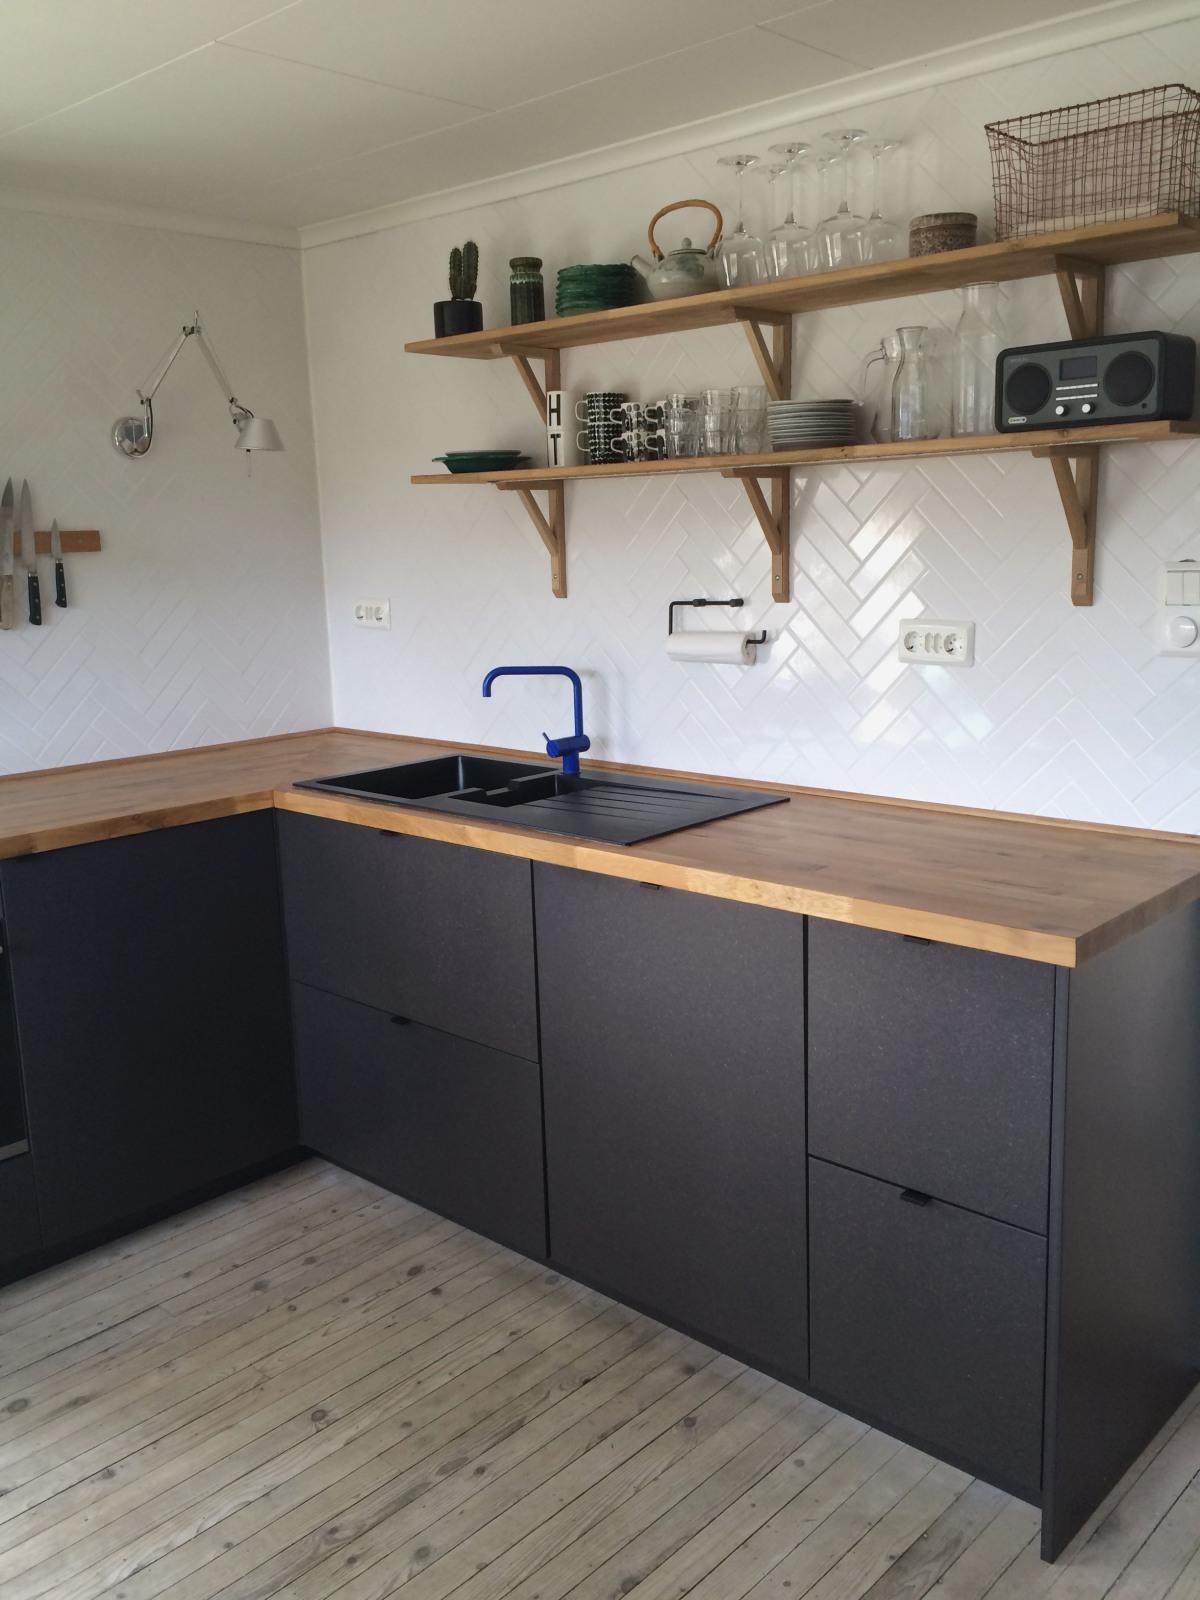 Cuisine Ikea Hyttan Plan De Travail Noir Tendancesdesign Fr